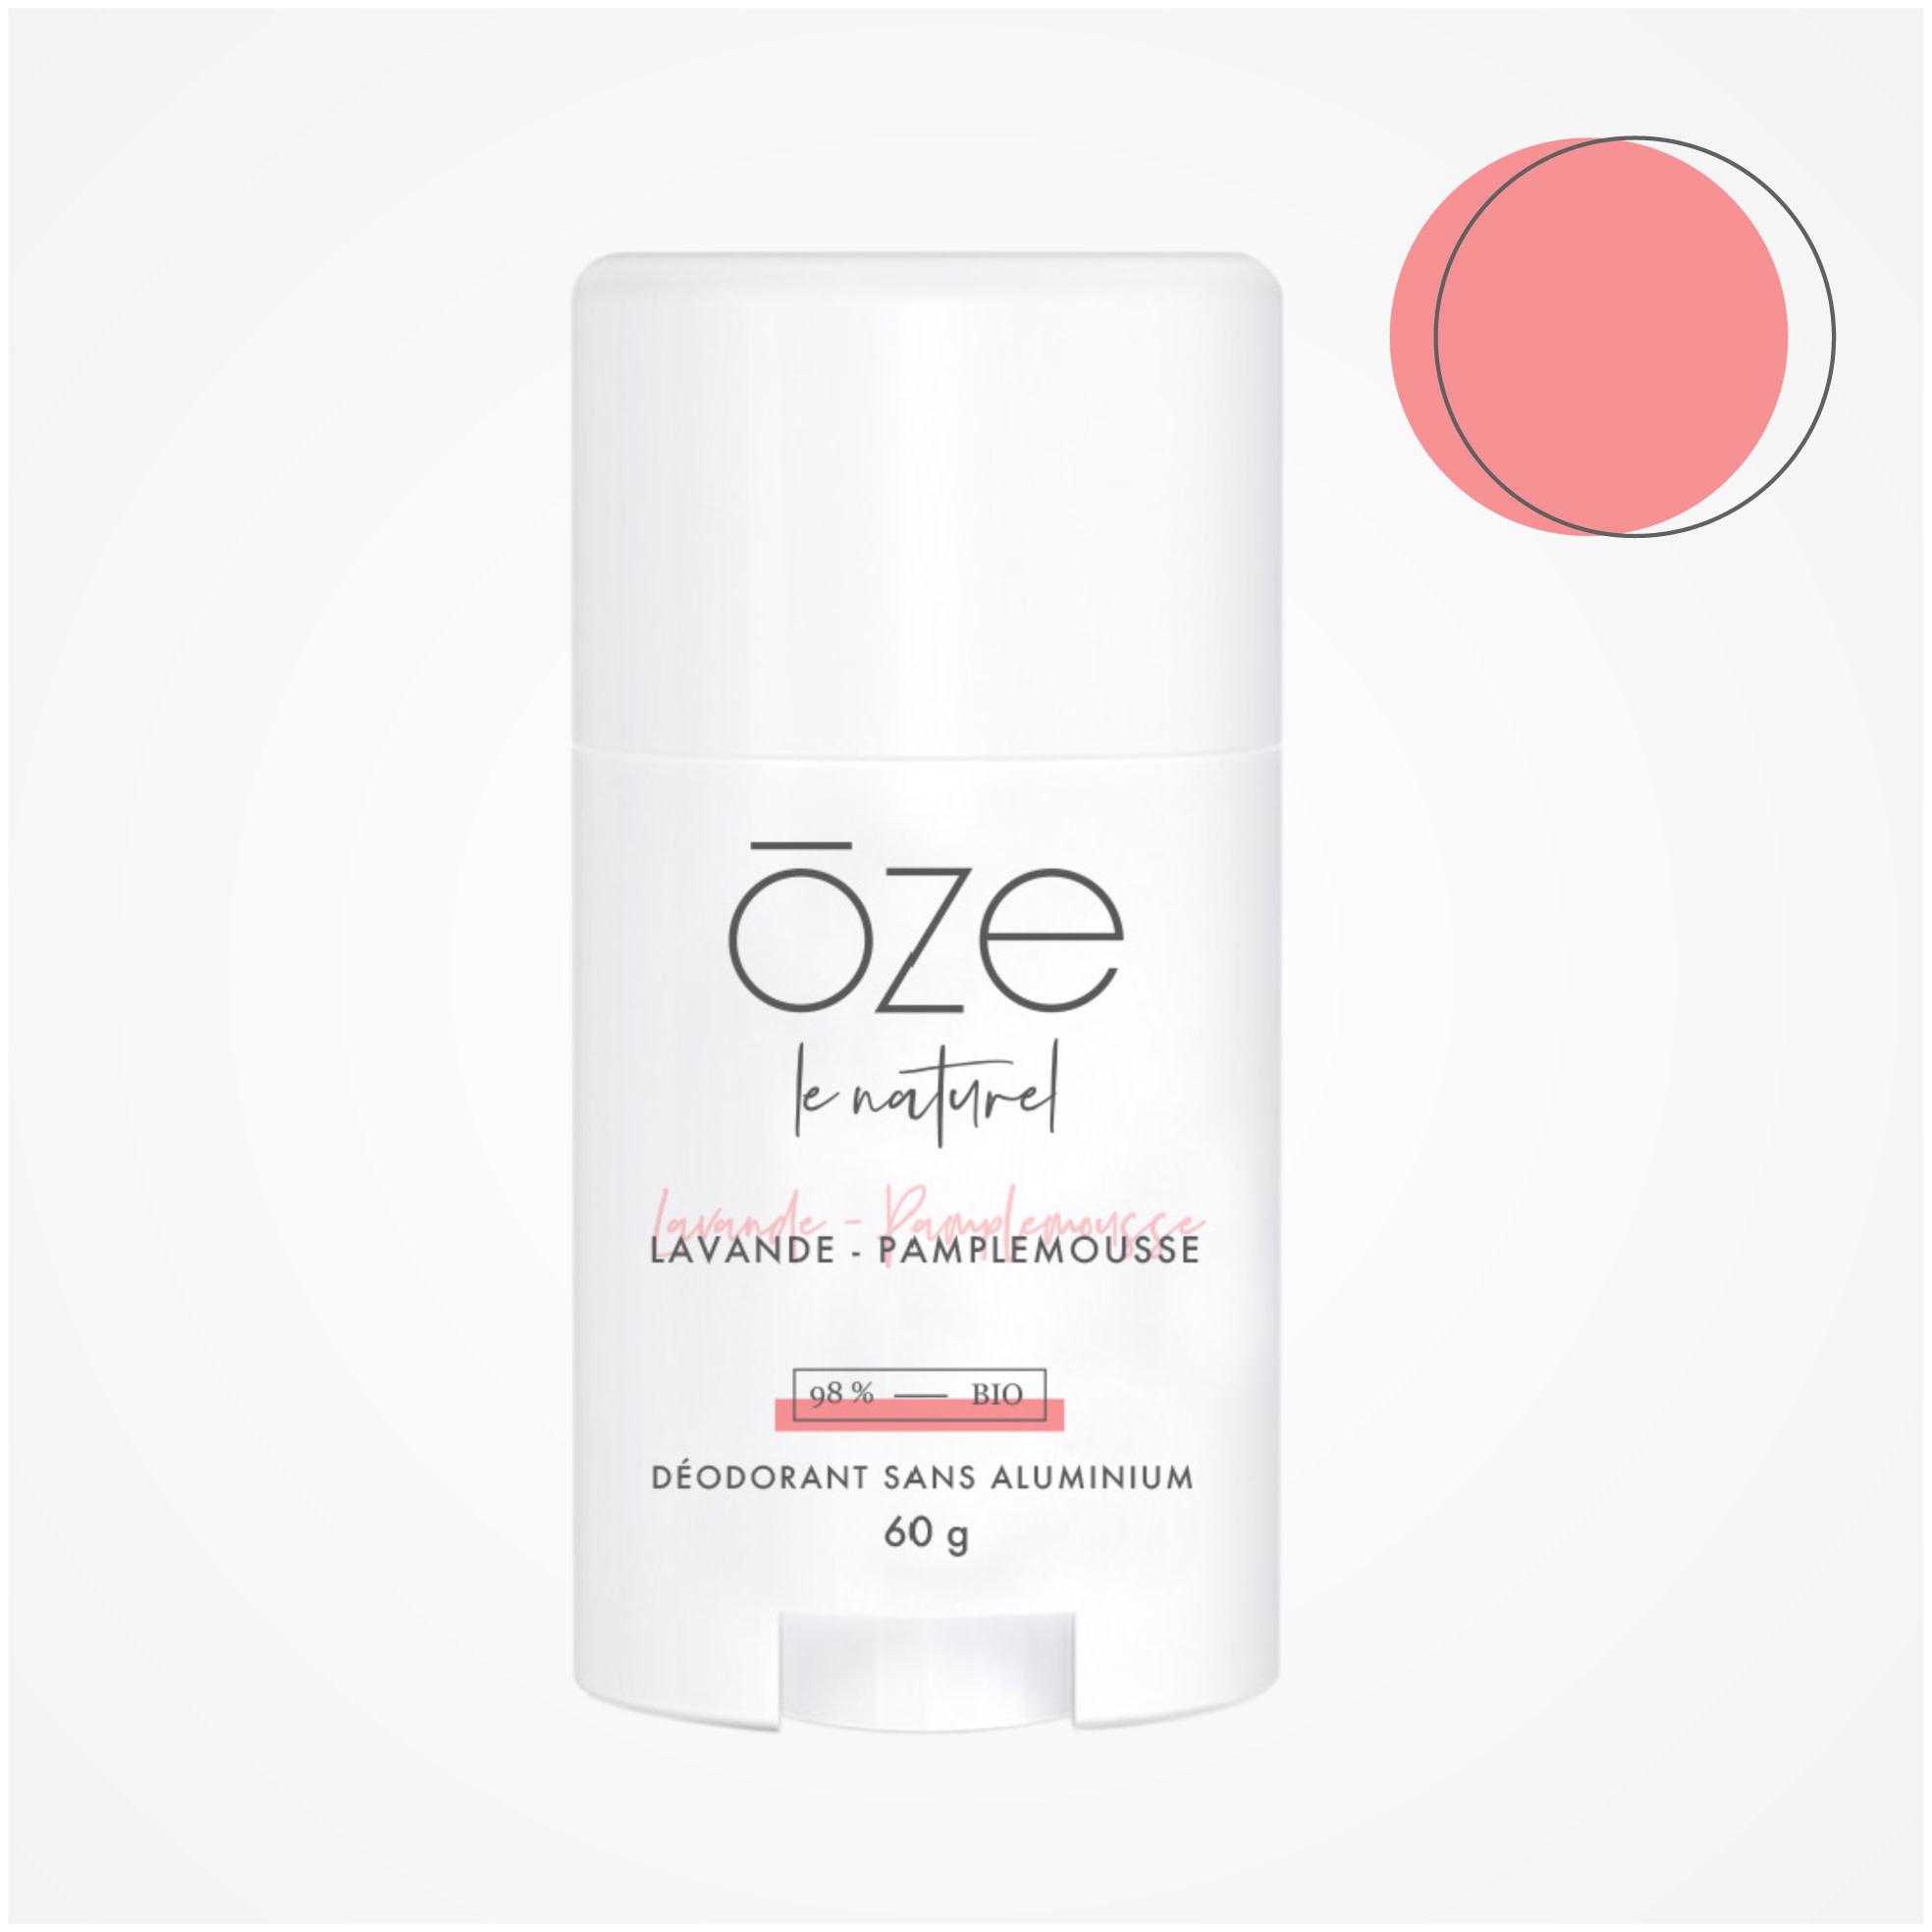 OZE LE NATUREL: Déodorant sans aluminium  PAMPLEMOUSSE-LAVANDE